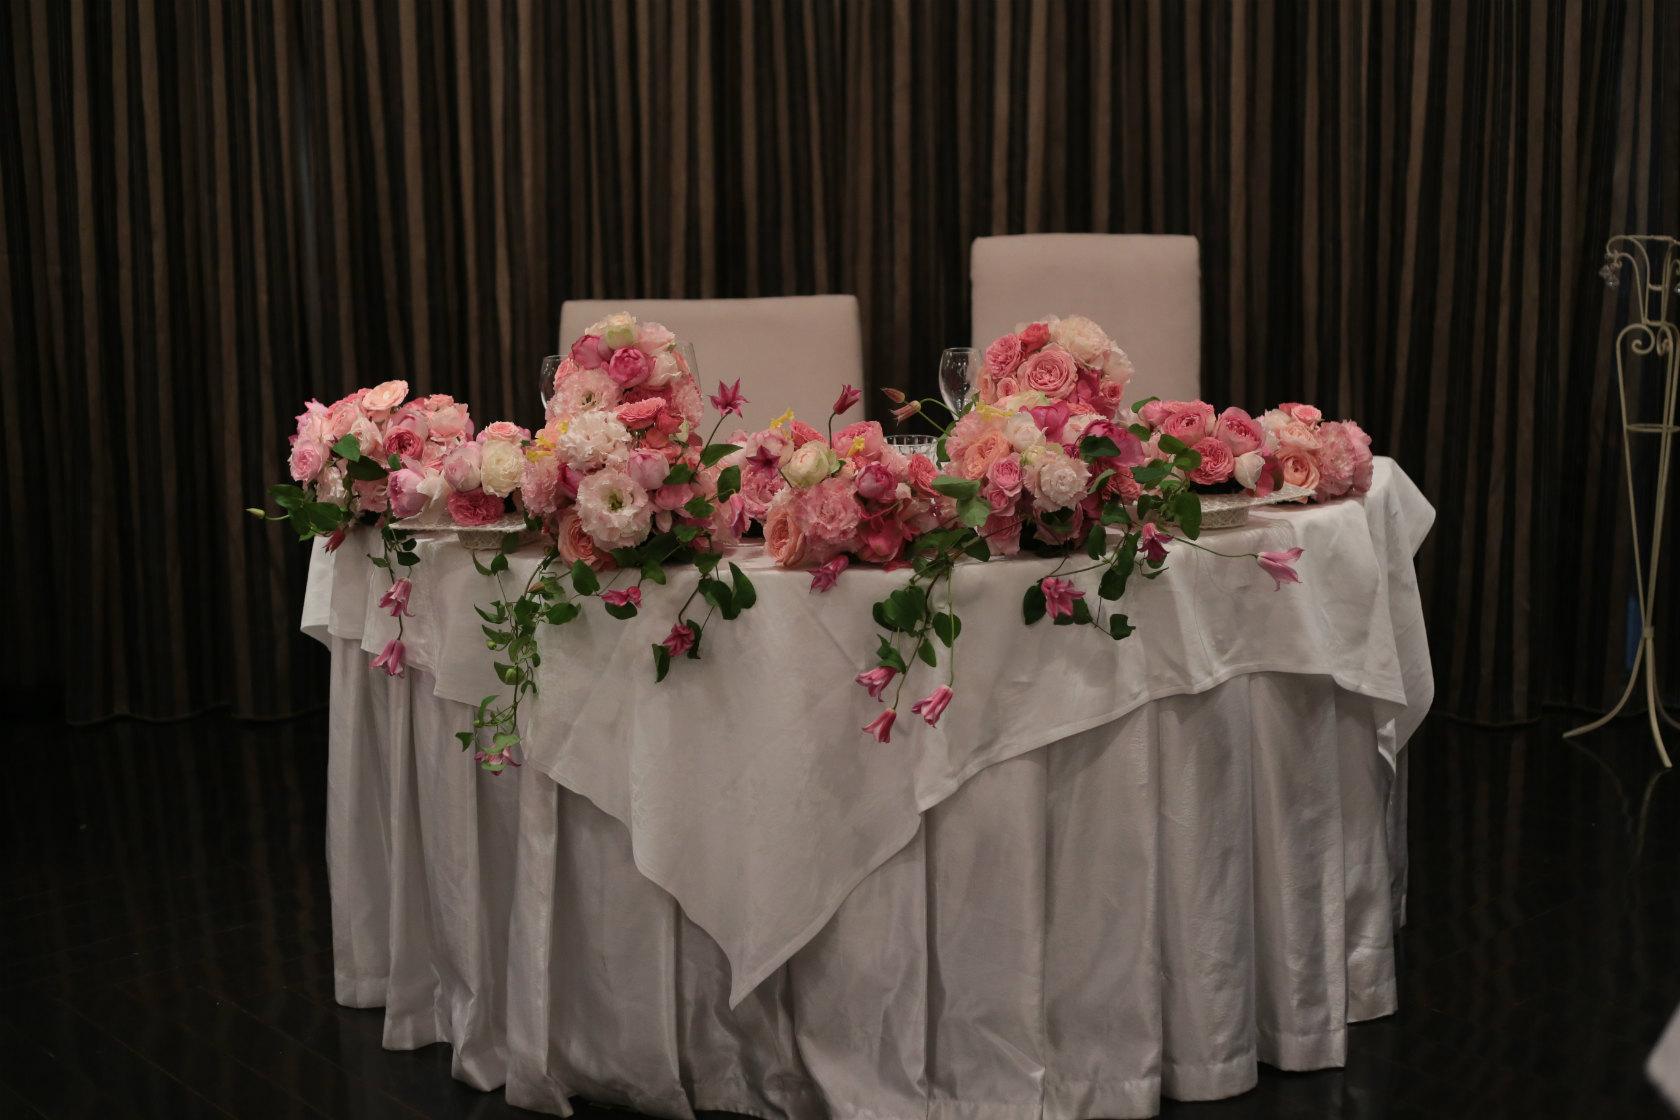 新郎新婦様からのメール 6月の花嫁 2_a0042928_13112987.jpg